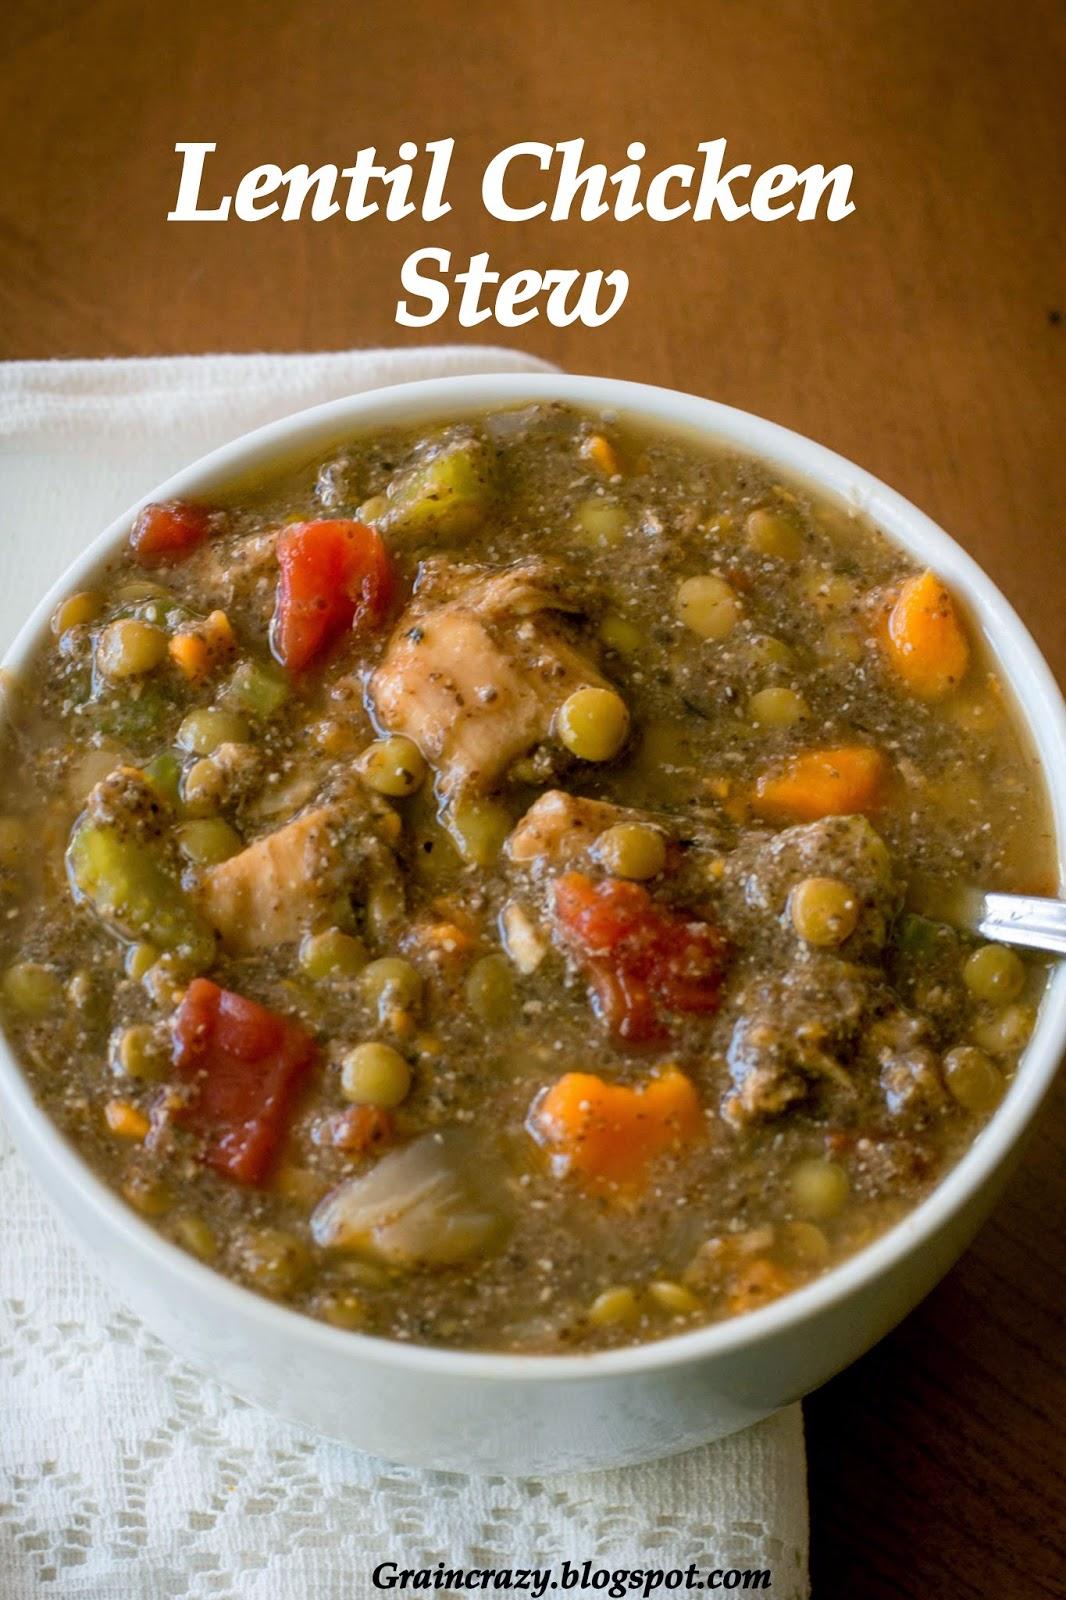 Grain Crazy: Lentil Chicken Stew